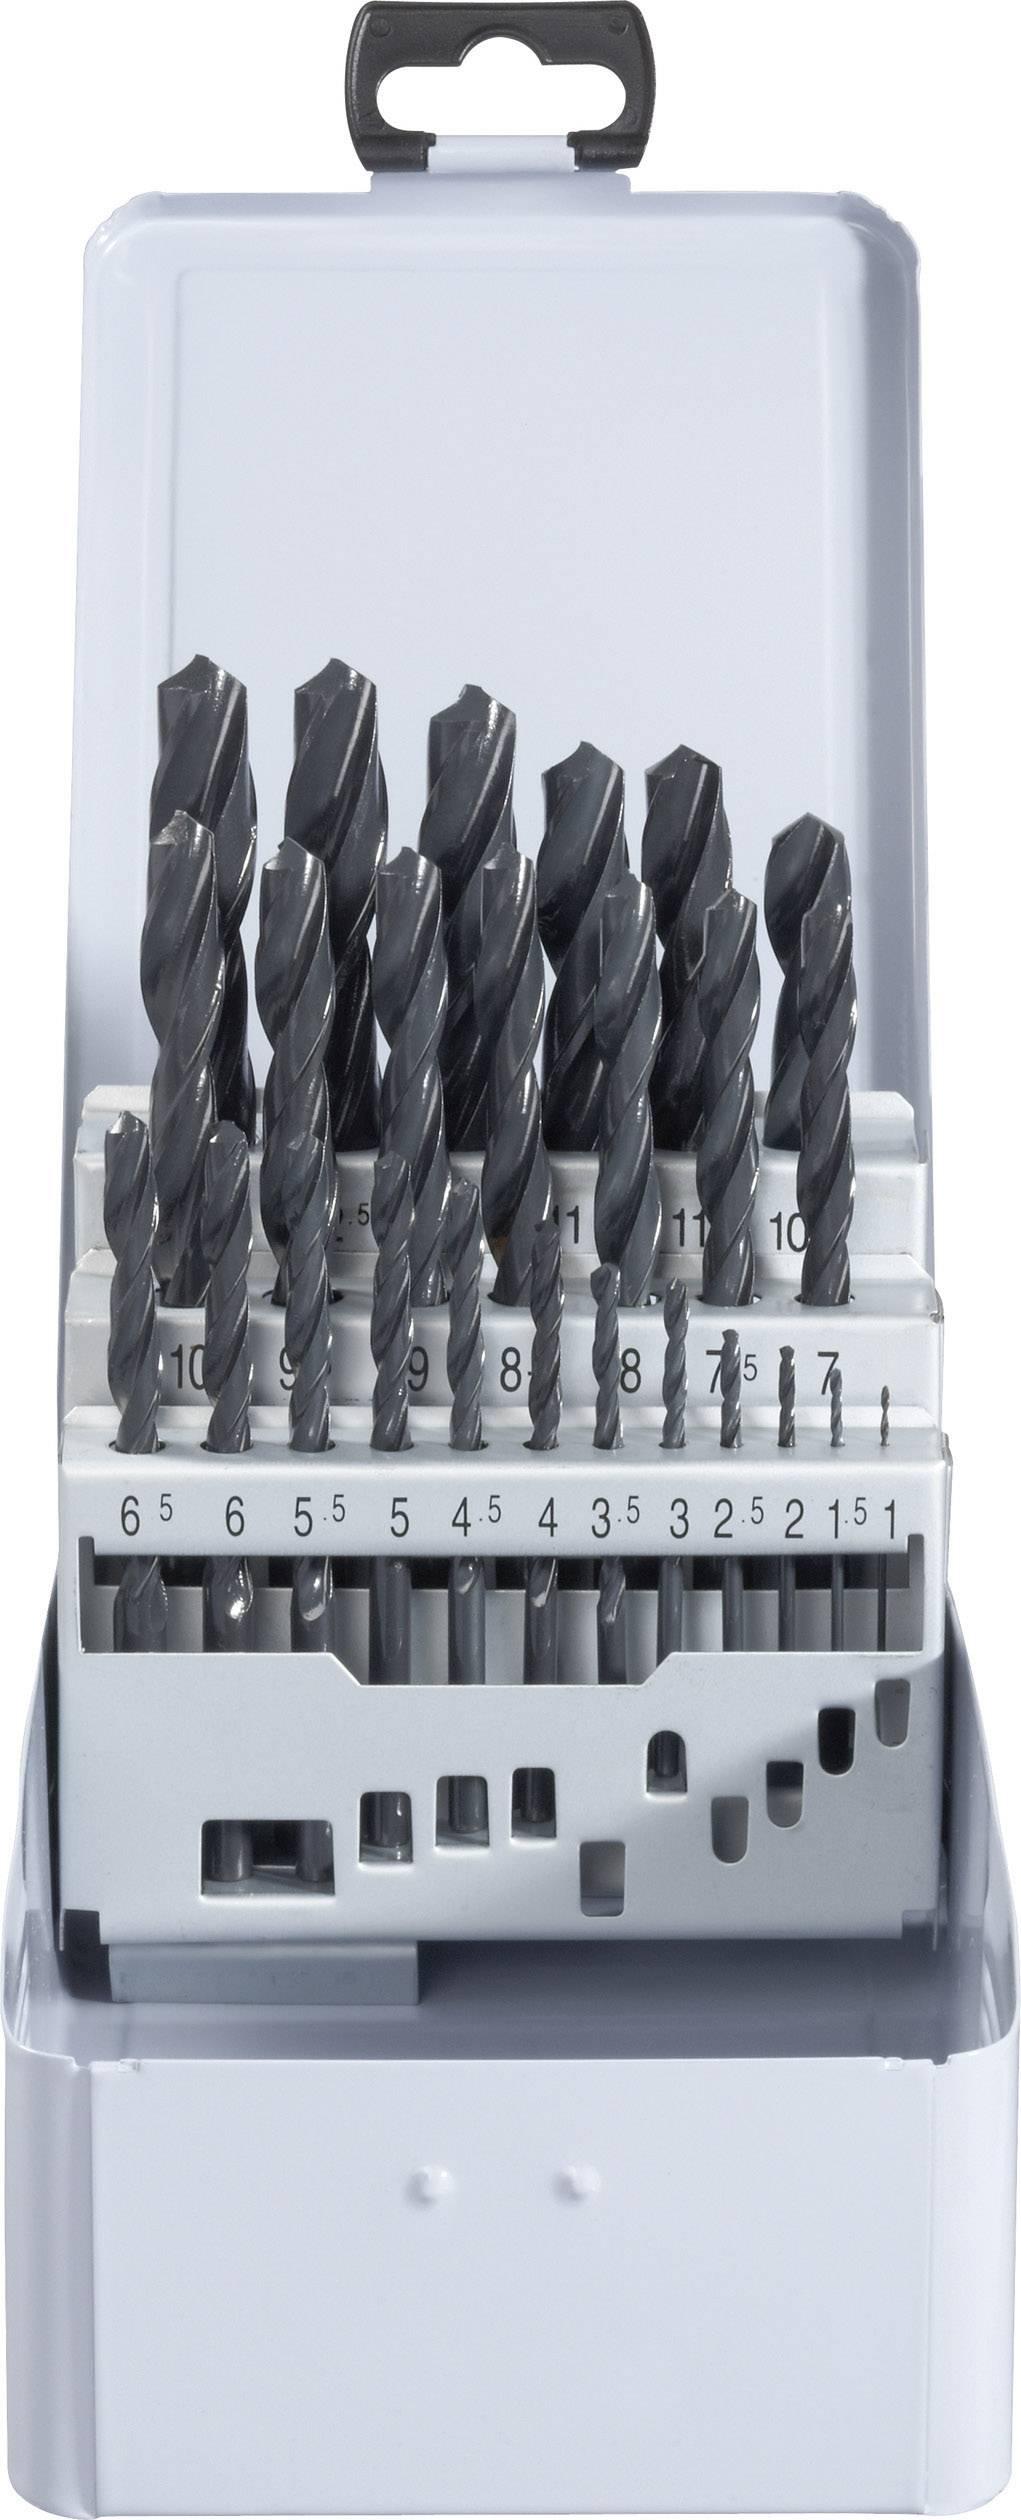 HSS sada kovového špirálového vrtáka TOOLCRAFT 822604, DIN 338, 1 sada